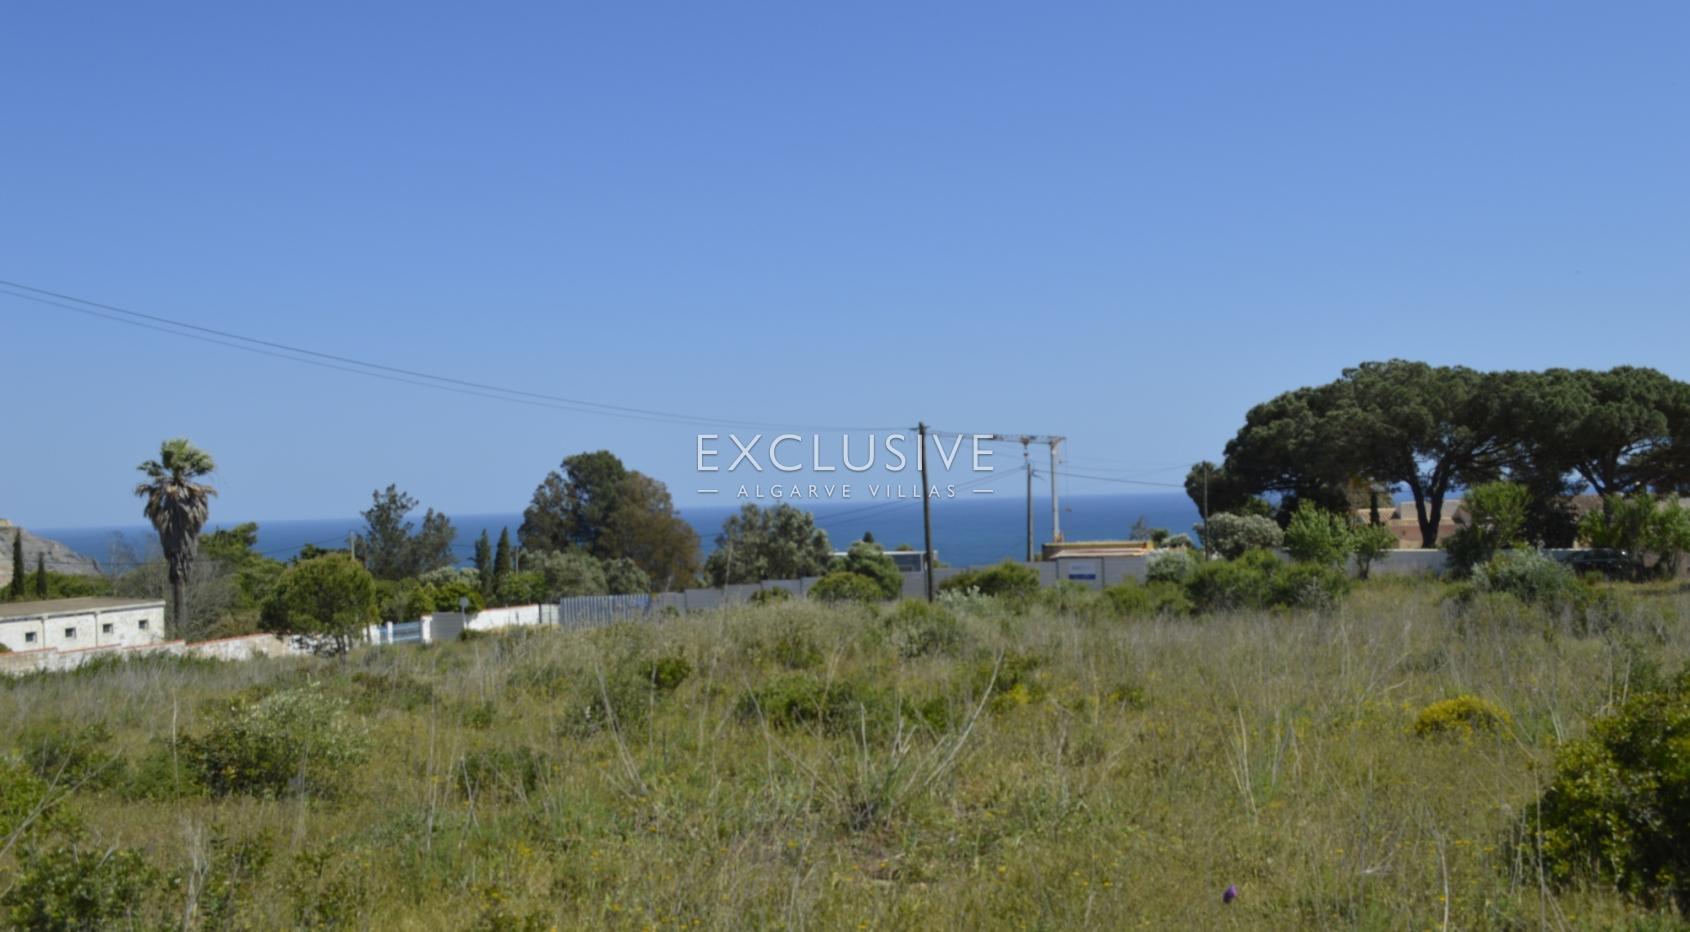 Grande lote de terreno com vista mar para venda na Luz Lagos, Algarve_5